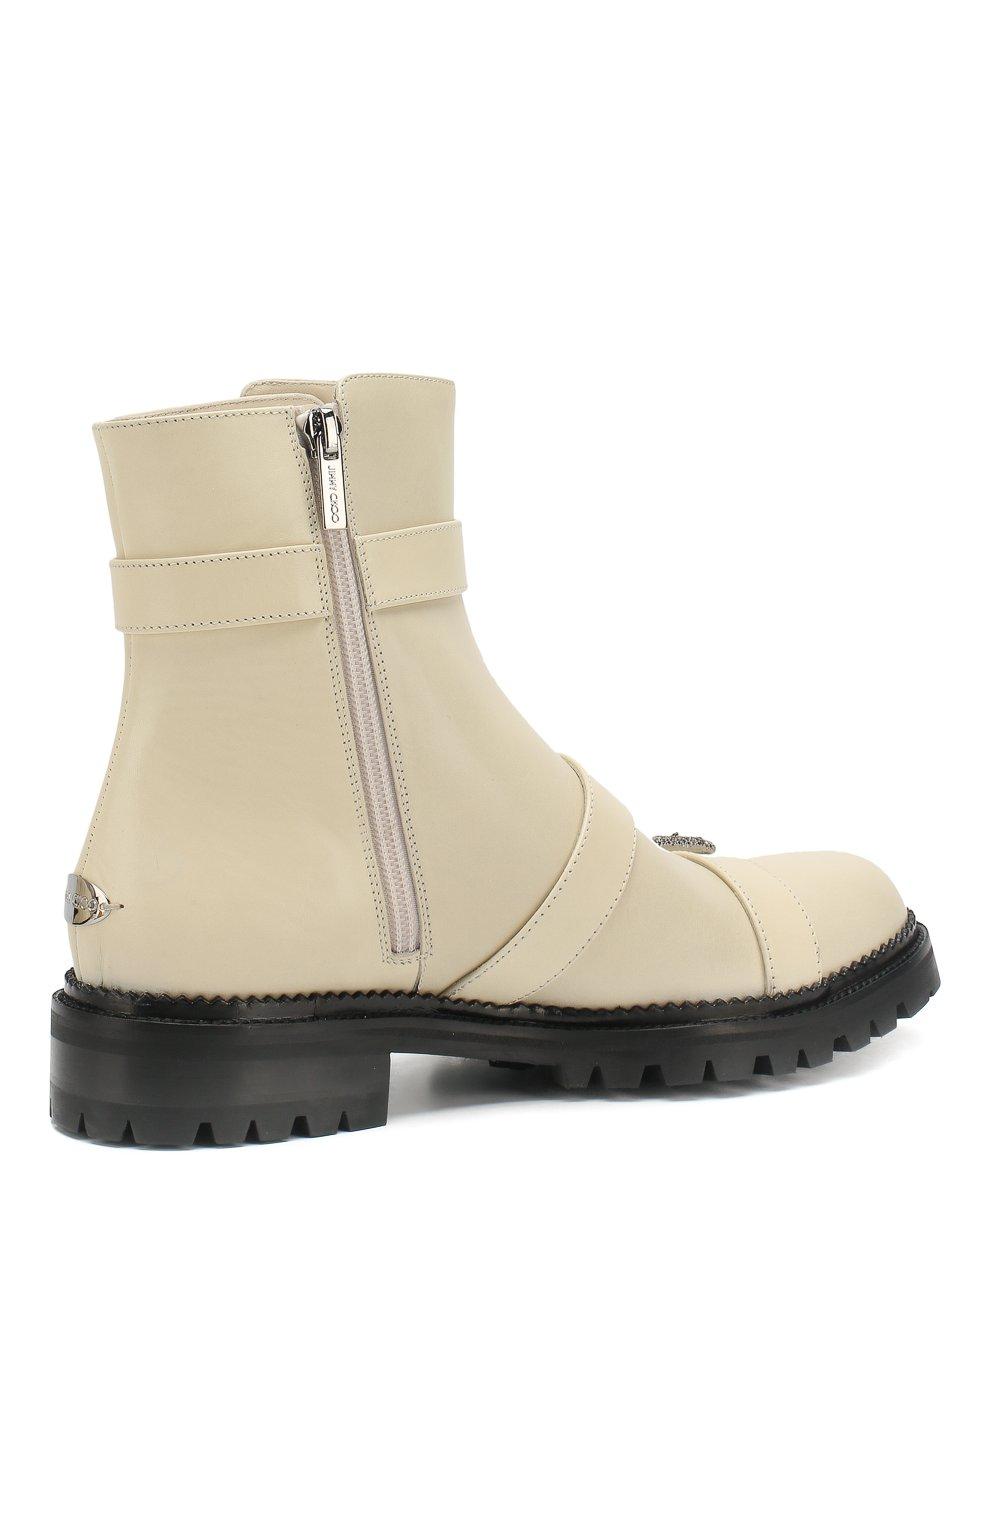 Кожаные ботинки Hank Jimmy Choo кремовые | Фото №4